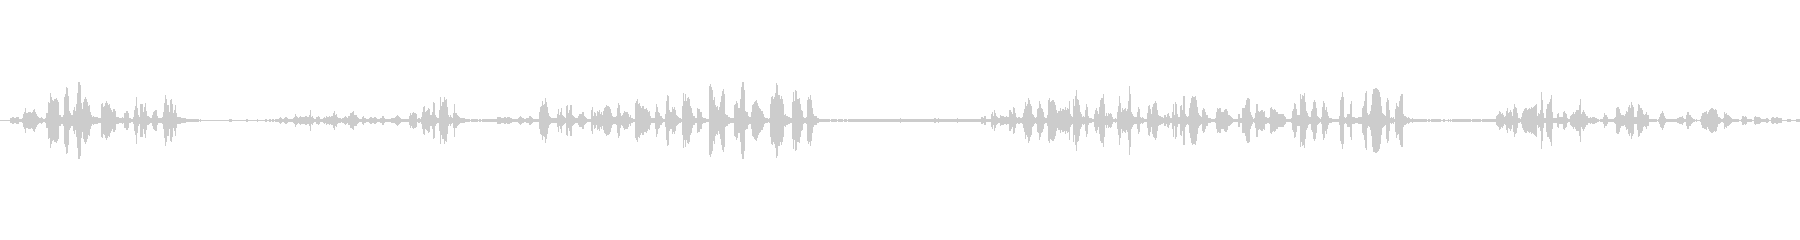 ガーデンウォーブラー:歌う、動物の鳥の未再生の波形